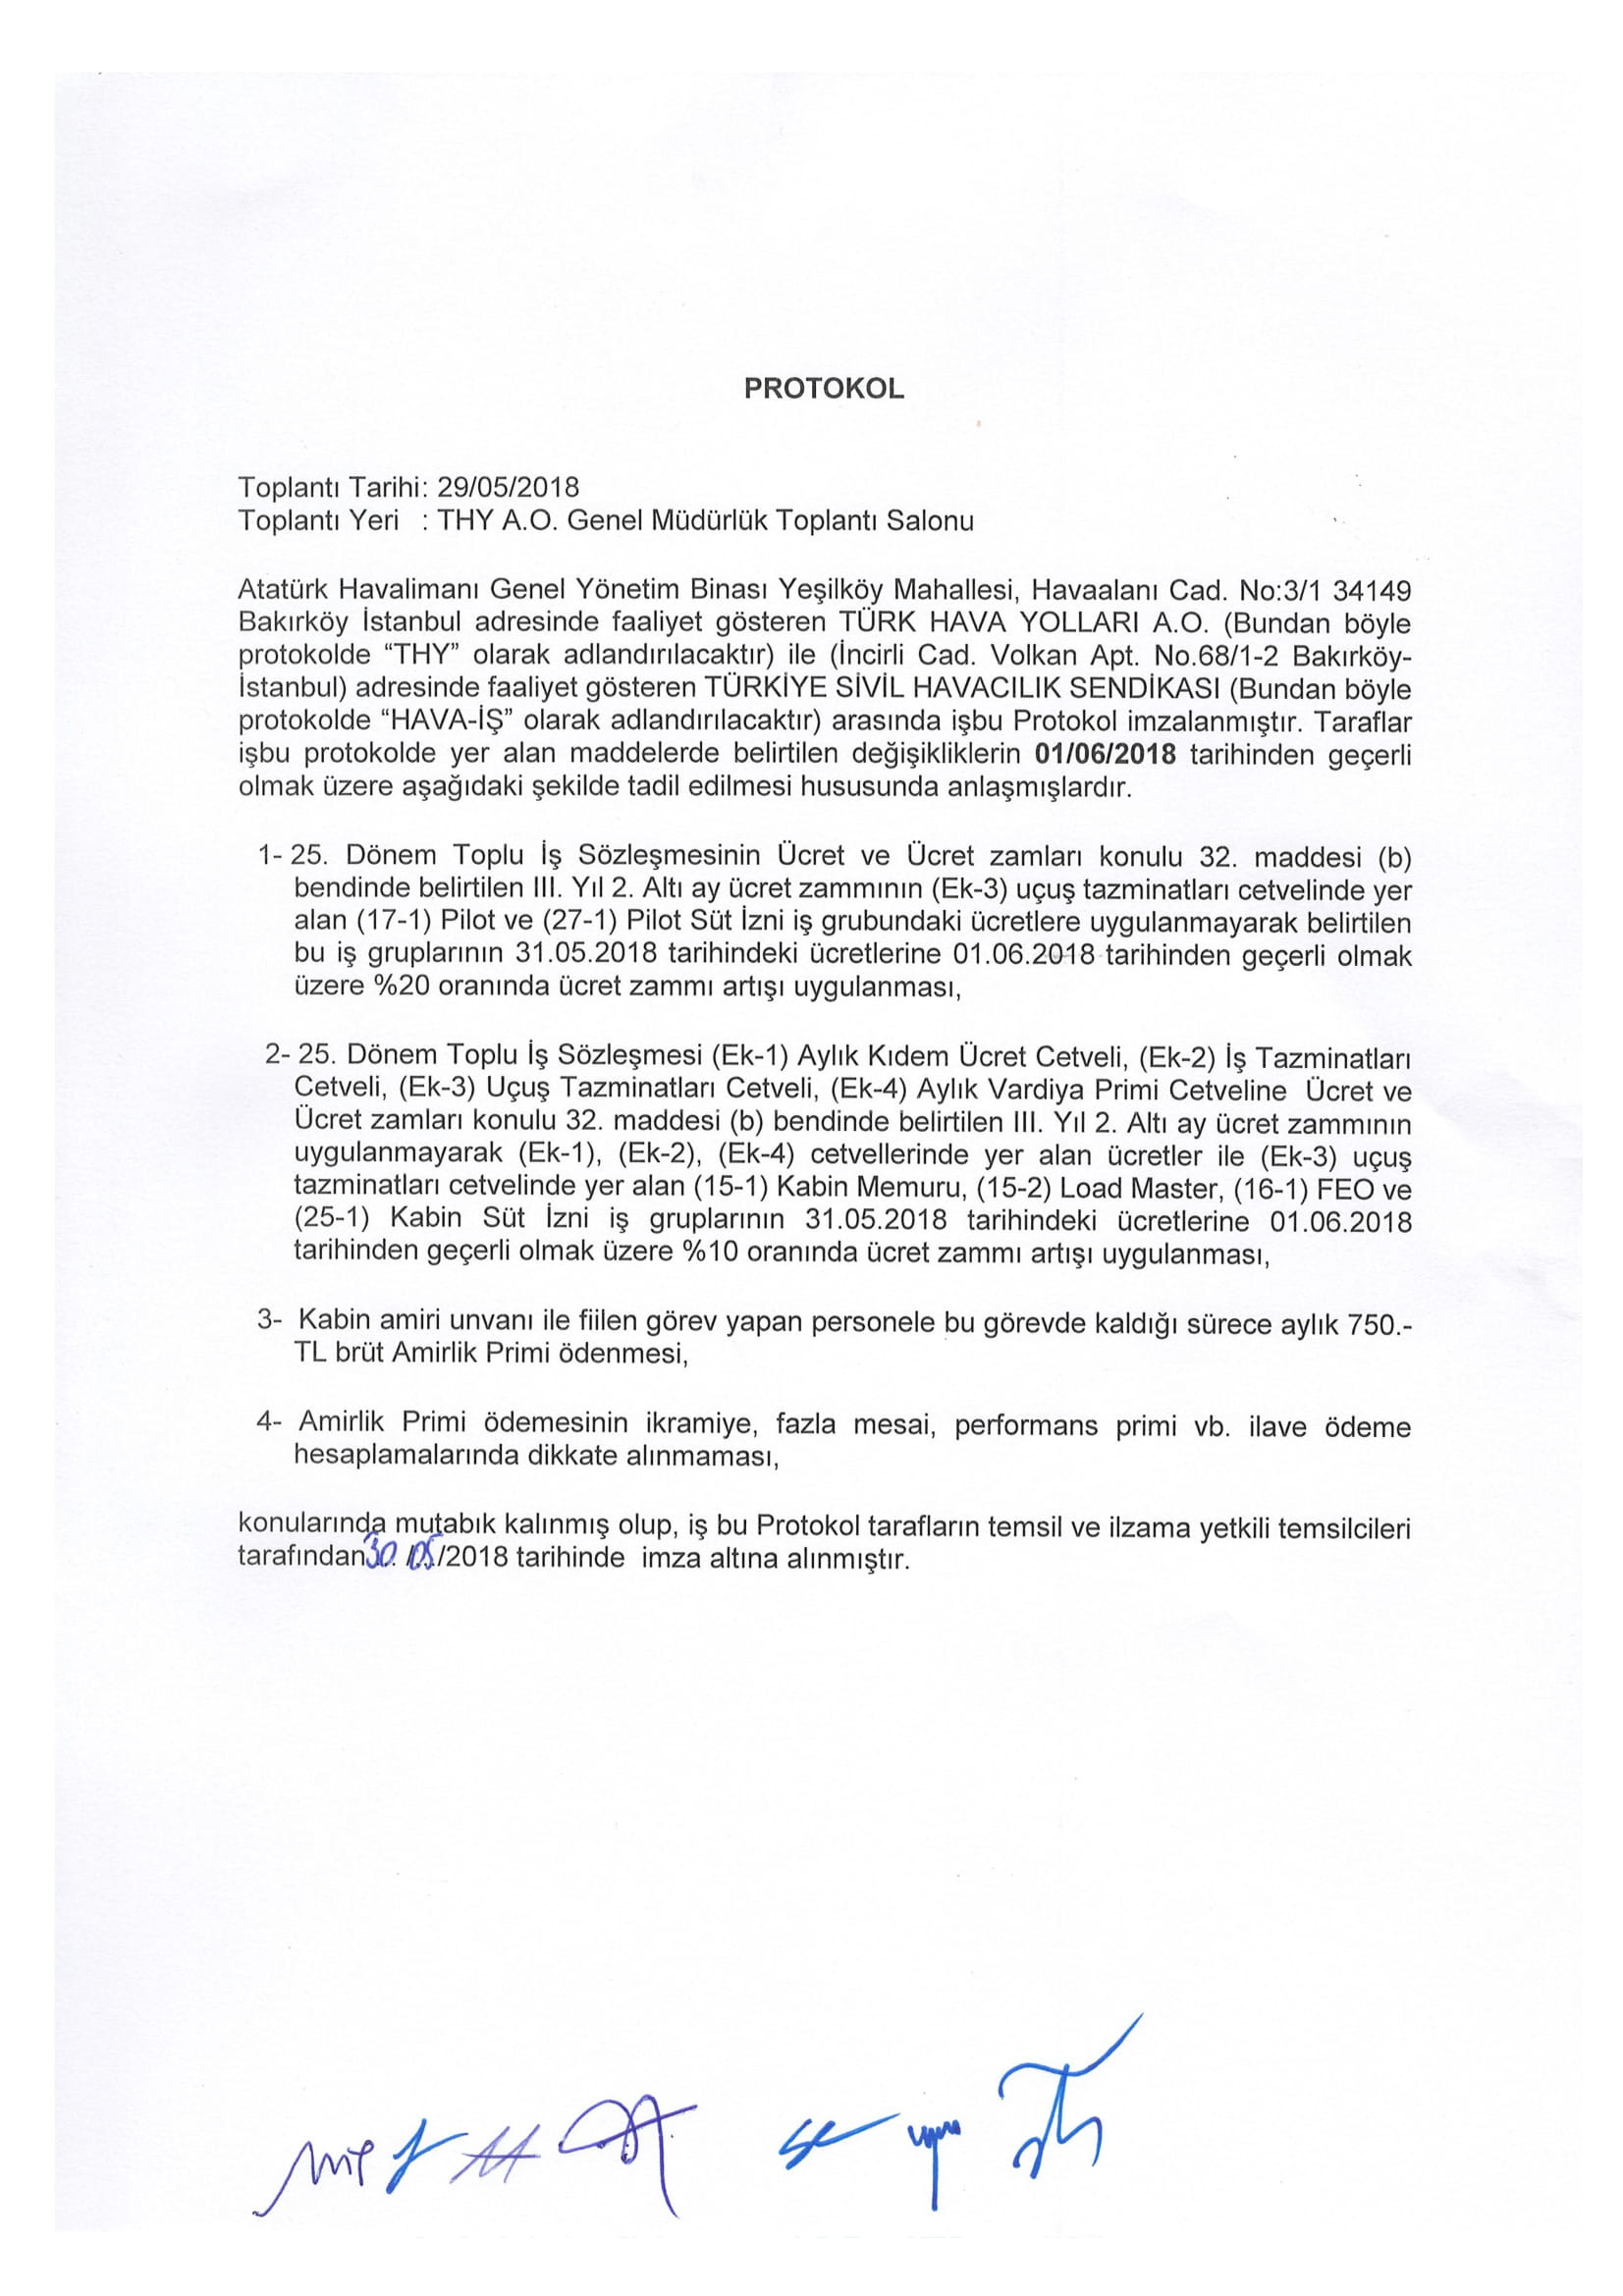 İş sözleşmesi sözleşmesi ek anlaşması